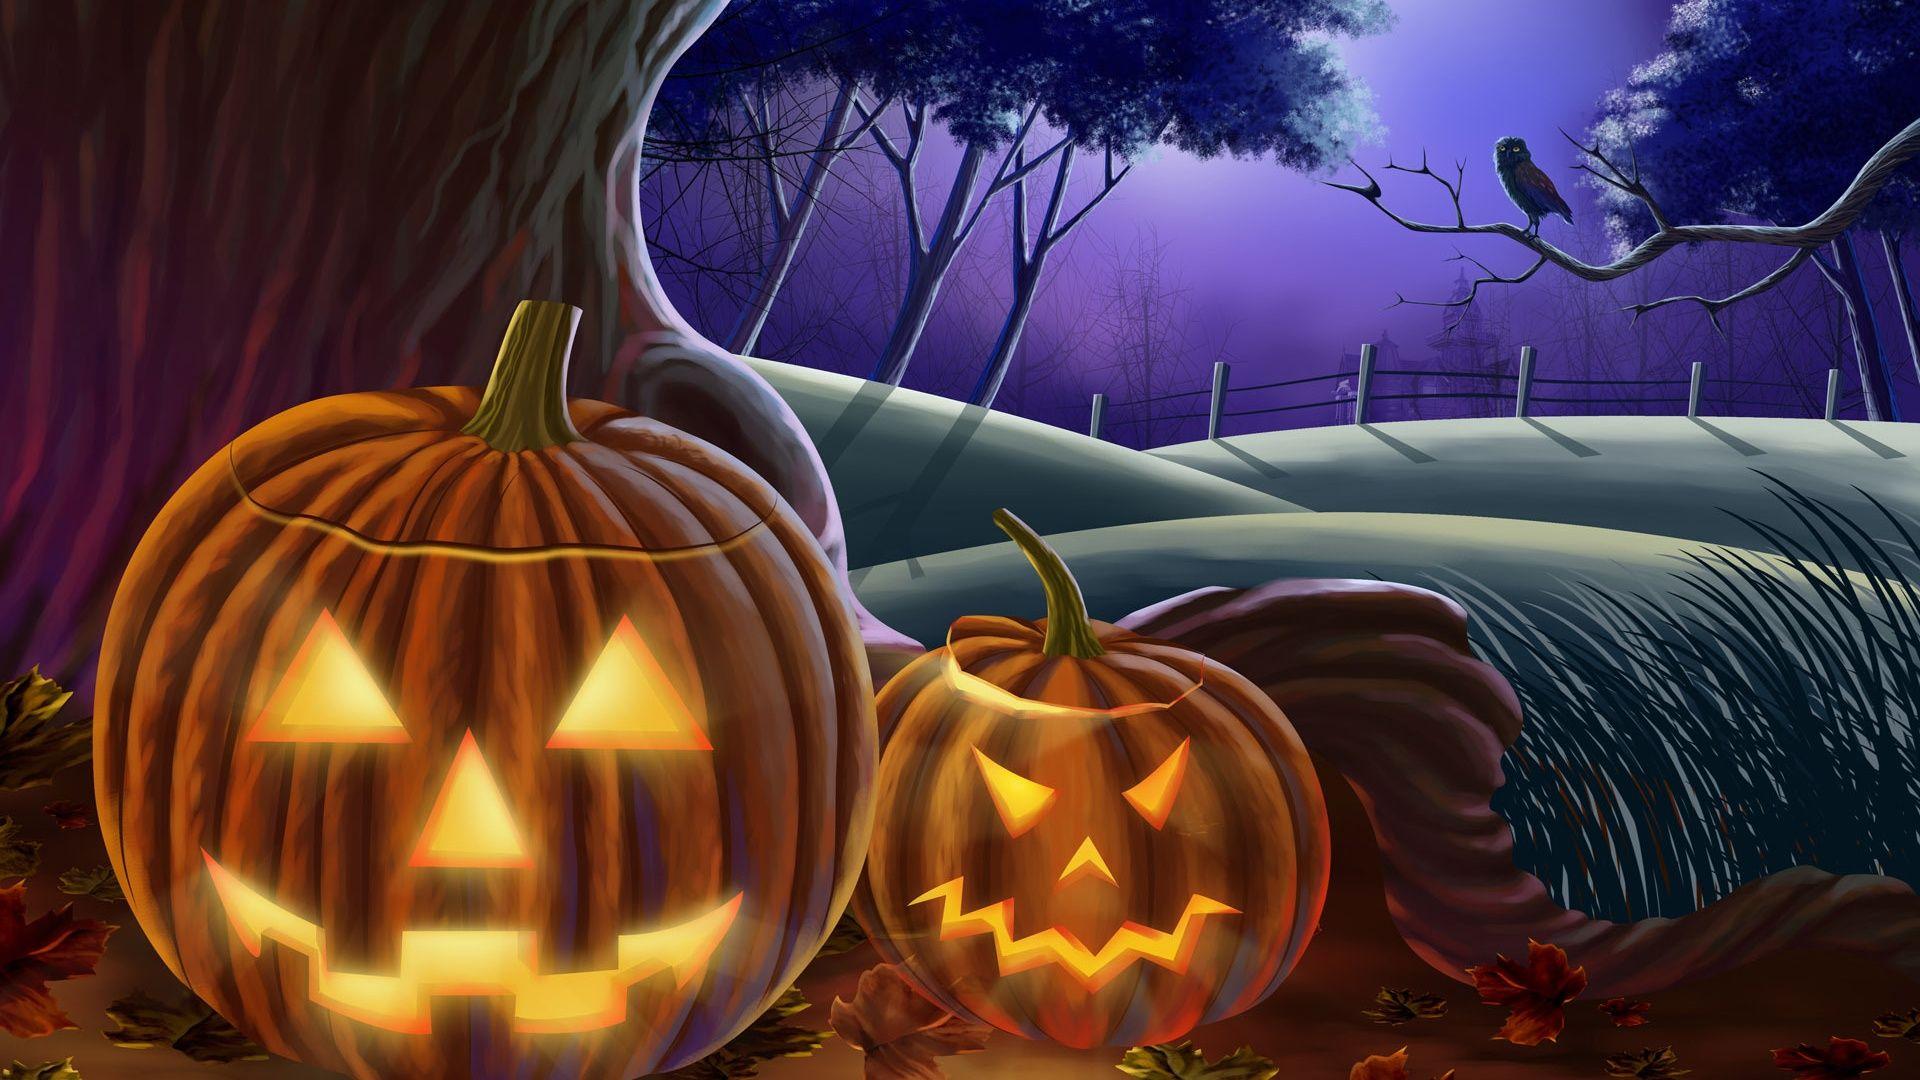 Spooky night in 1920x1080 resolution HD Desktop